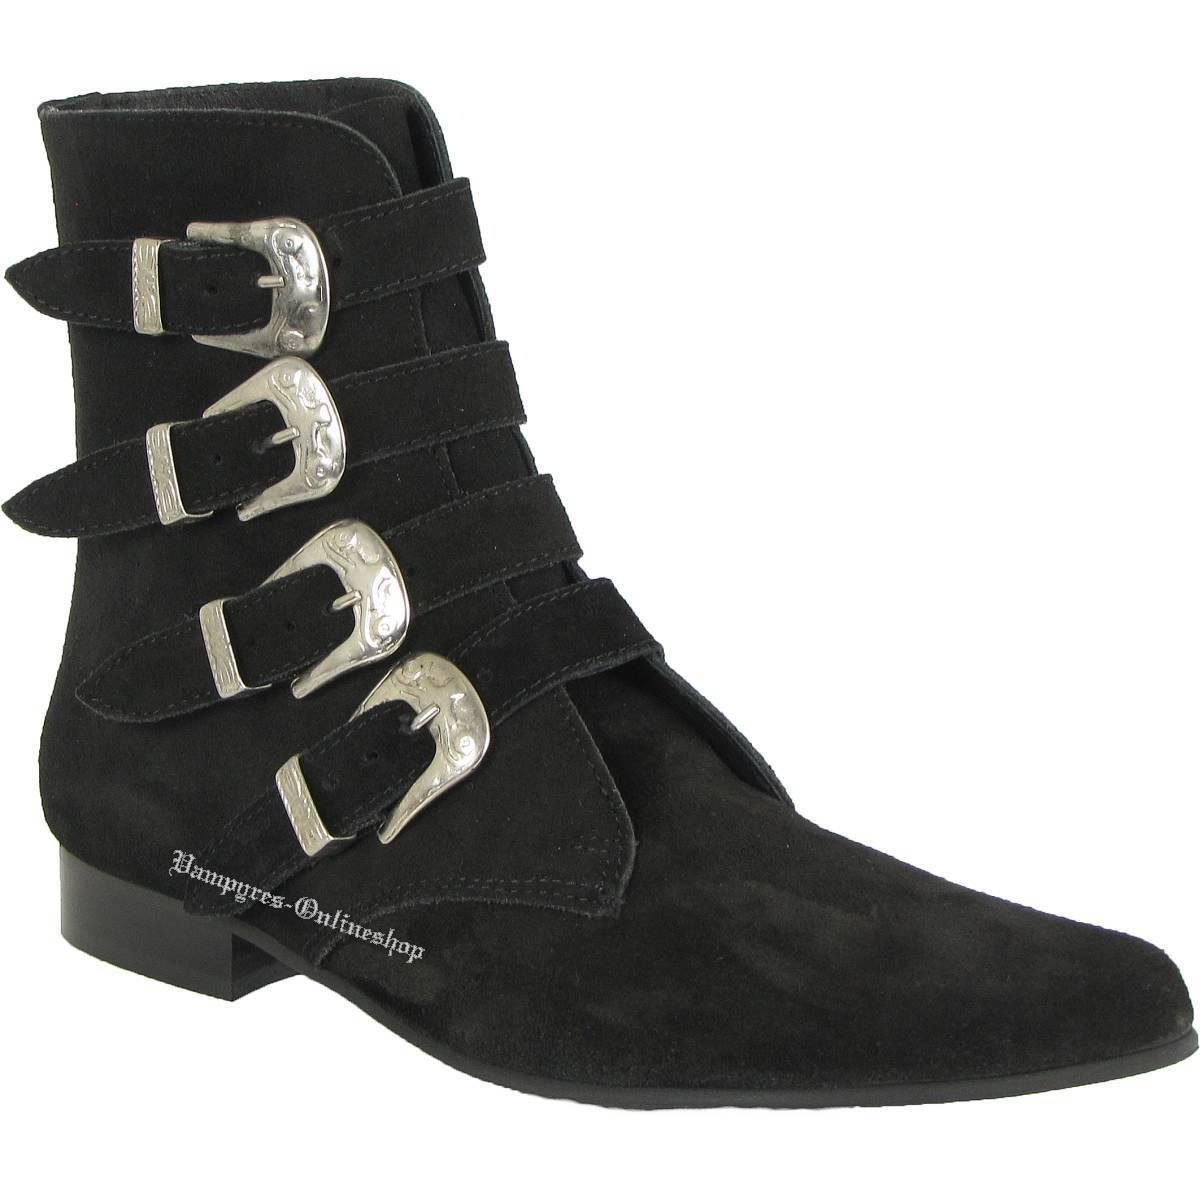 botas & Braces 4 hebillas de gamuza botas negro negro negro winkelpiker Pikes and negro  Venta en línea precio bajo descuento